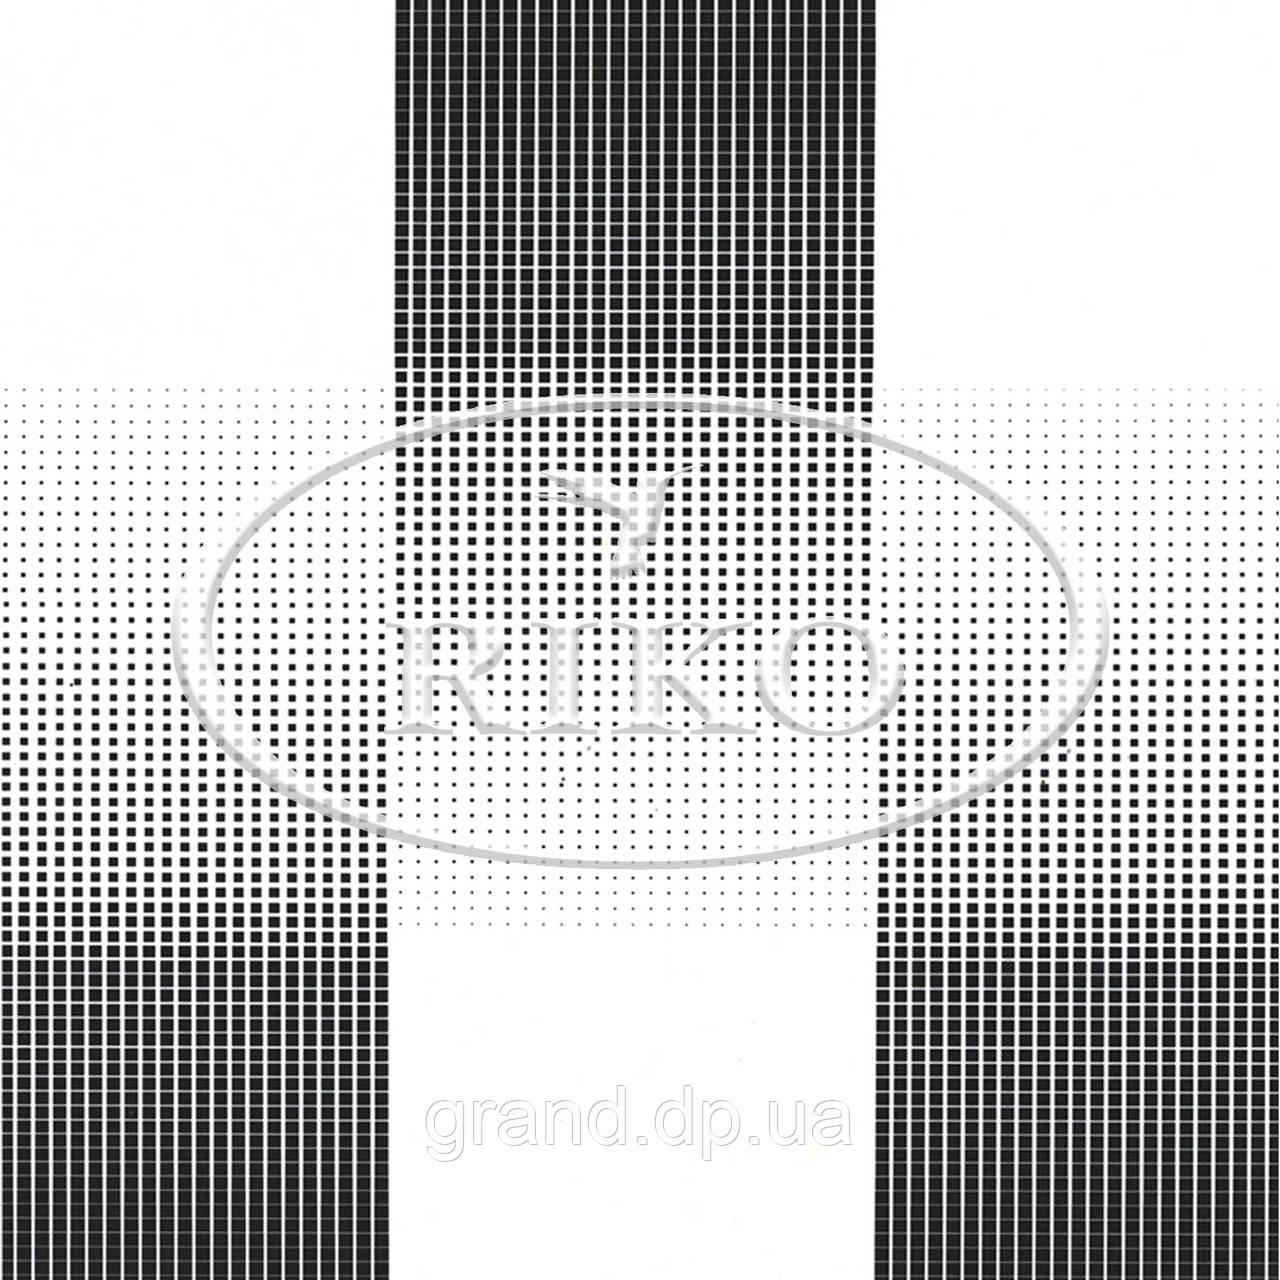 Пластиковые декоративные панели ПВХ Рико(Riko) 250*7*3000мм Спектр с Термопереводом бесшовные